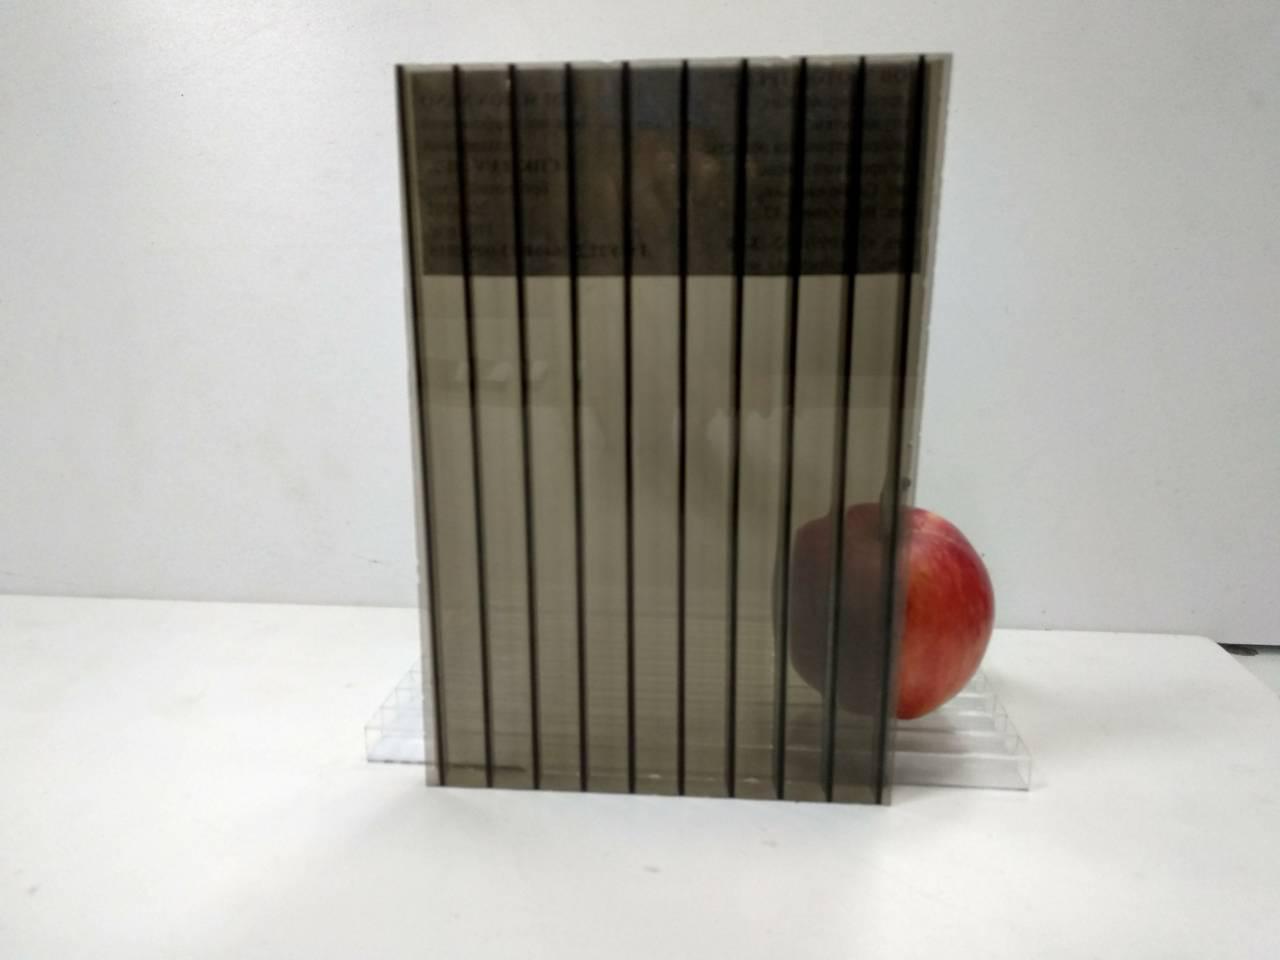 Сотовый поликарбонат 10 мм бронза, фото 1